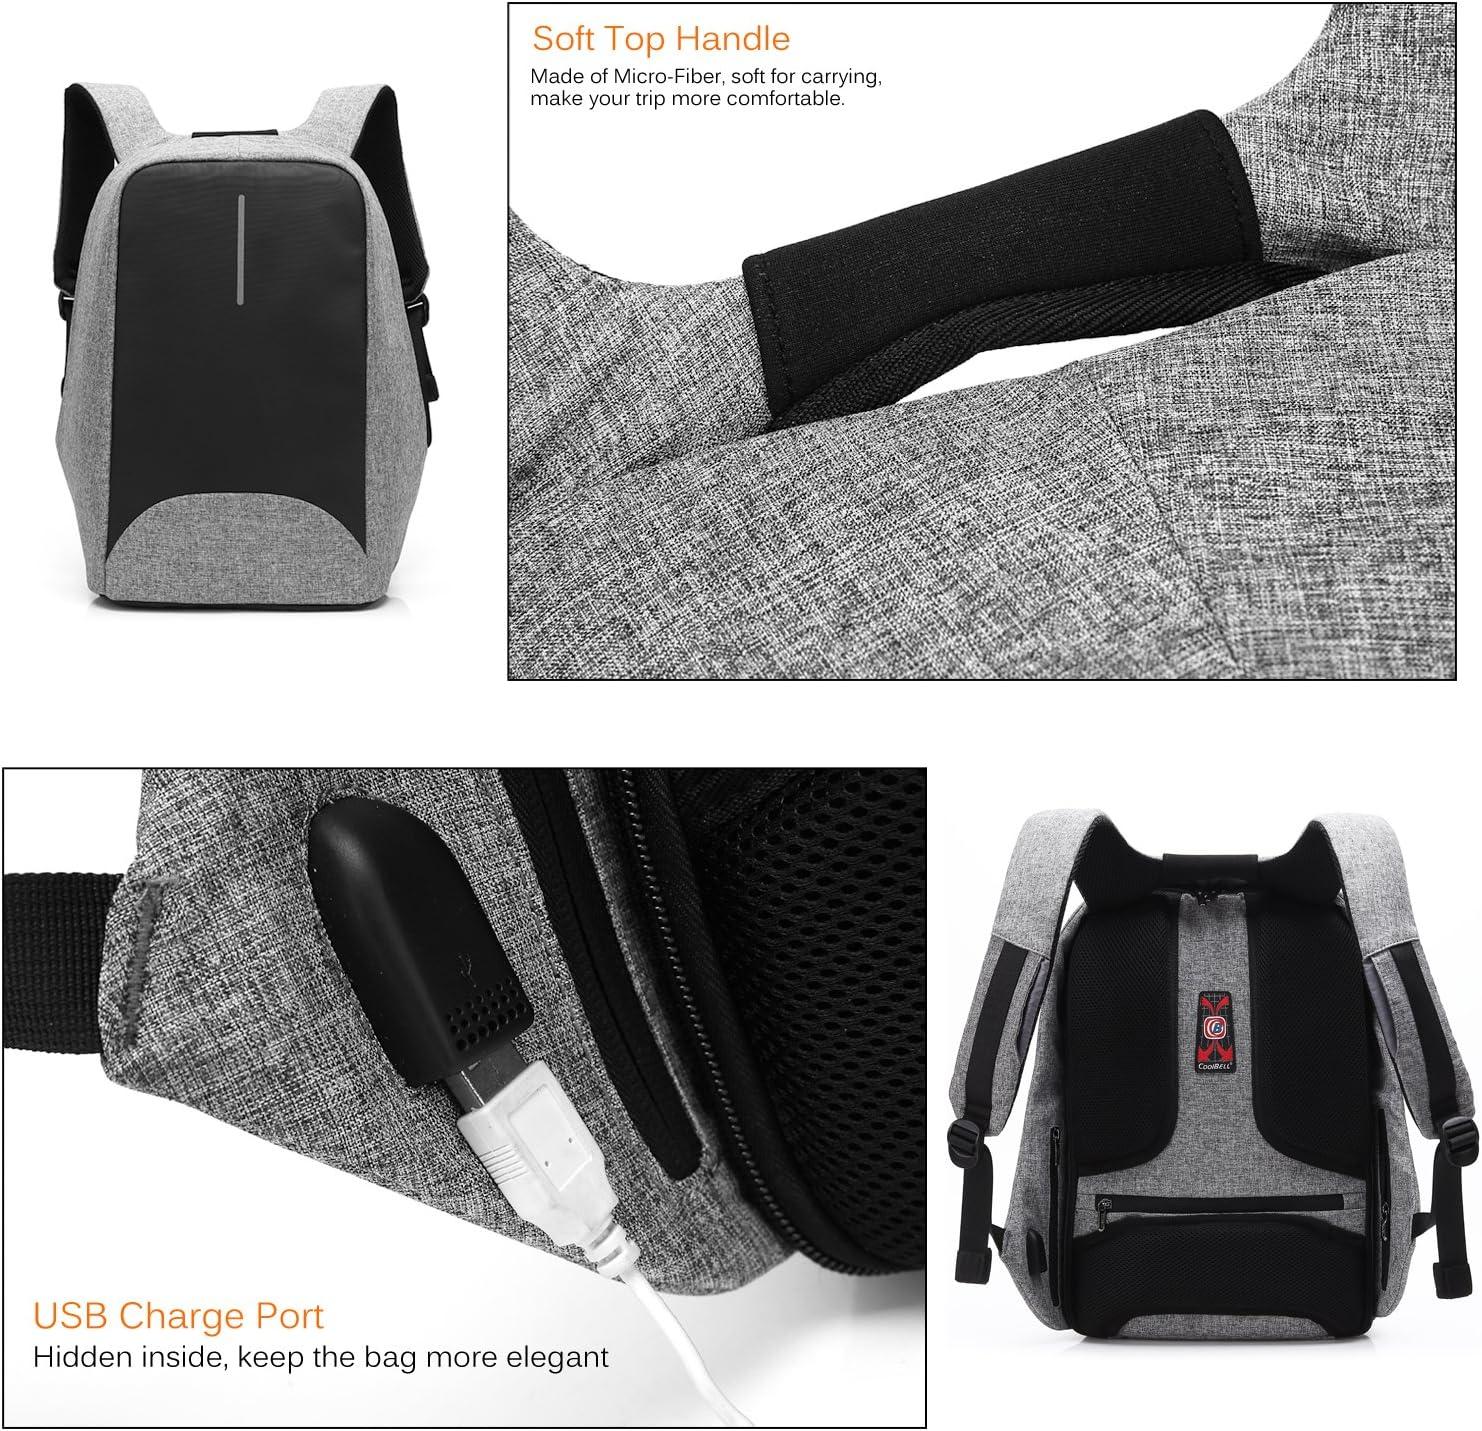 Nero Coolbell Zaino per Laptop 15,6 Pollici Zaino in Nylon Borsa da Lavoro antifurto Bookbag Resistente allAcqua Zaino da Viaggio Durevole con Porta di Ricarica USB per Uomo Donna